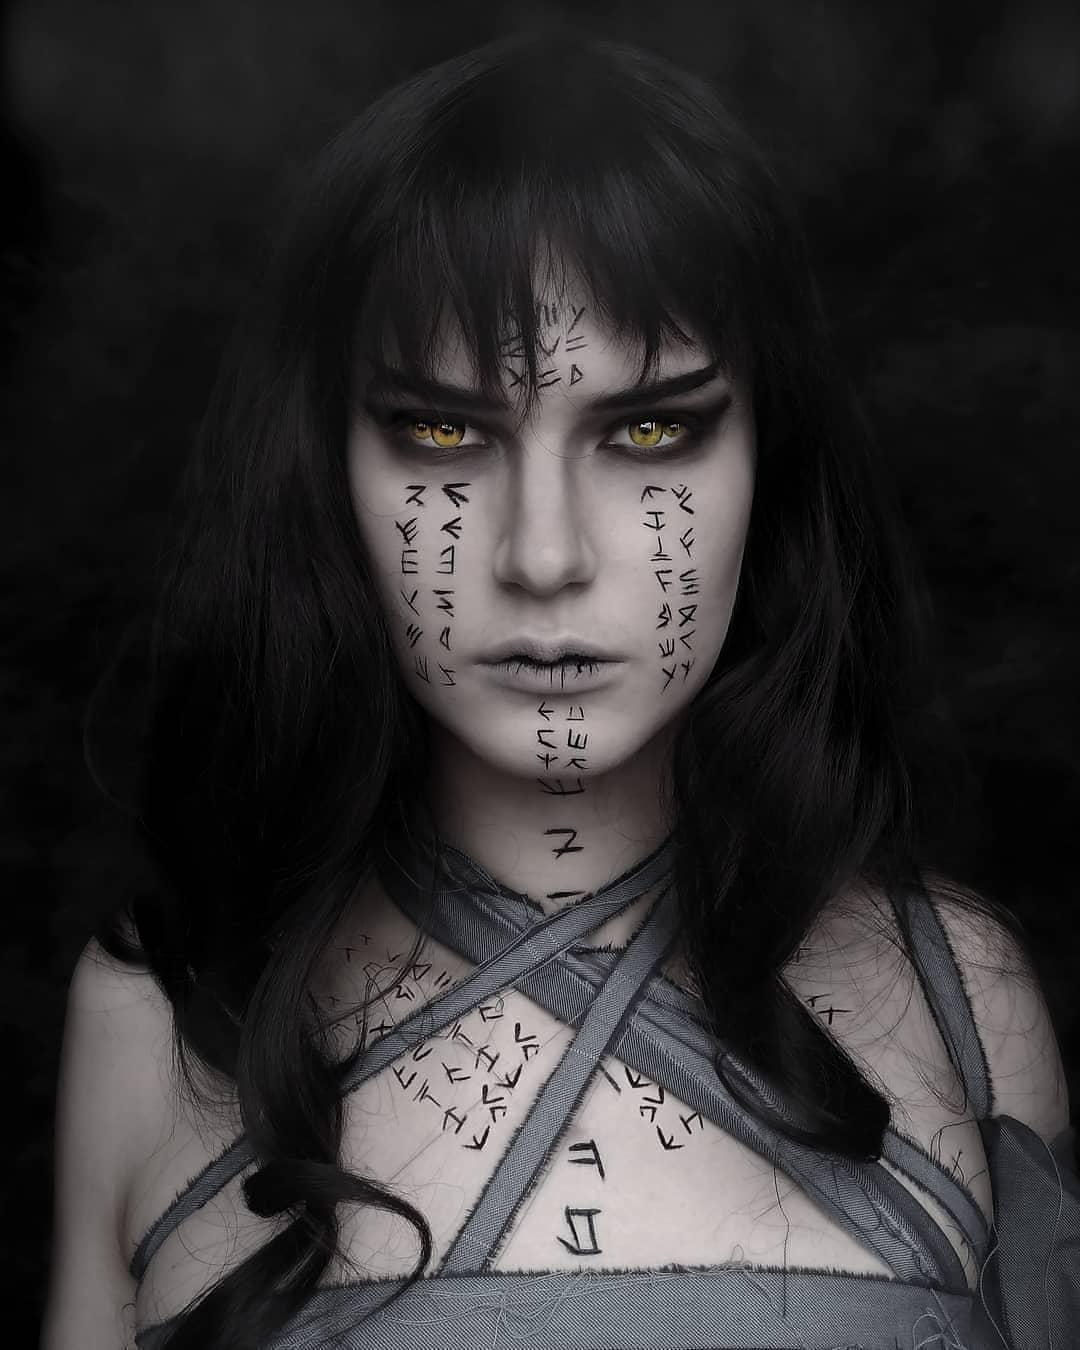 mummy amunet cosplay by trisha_layons